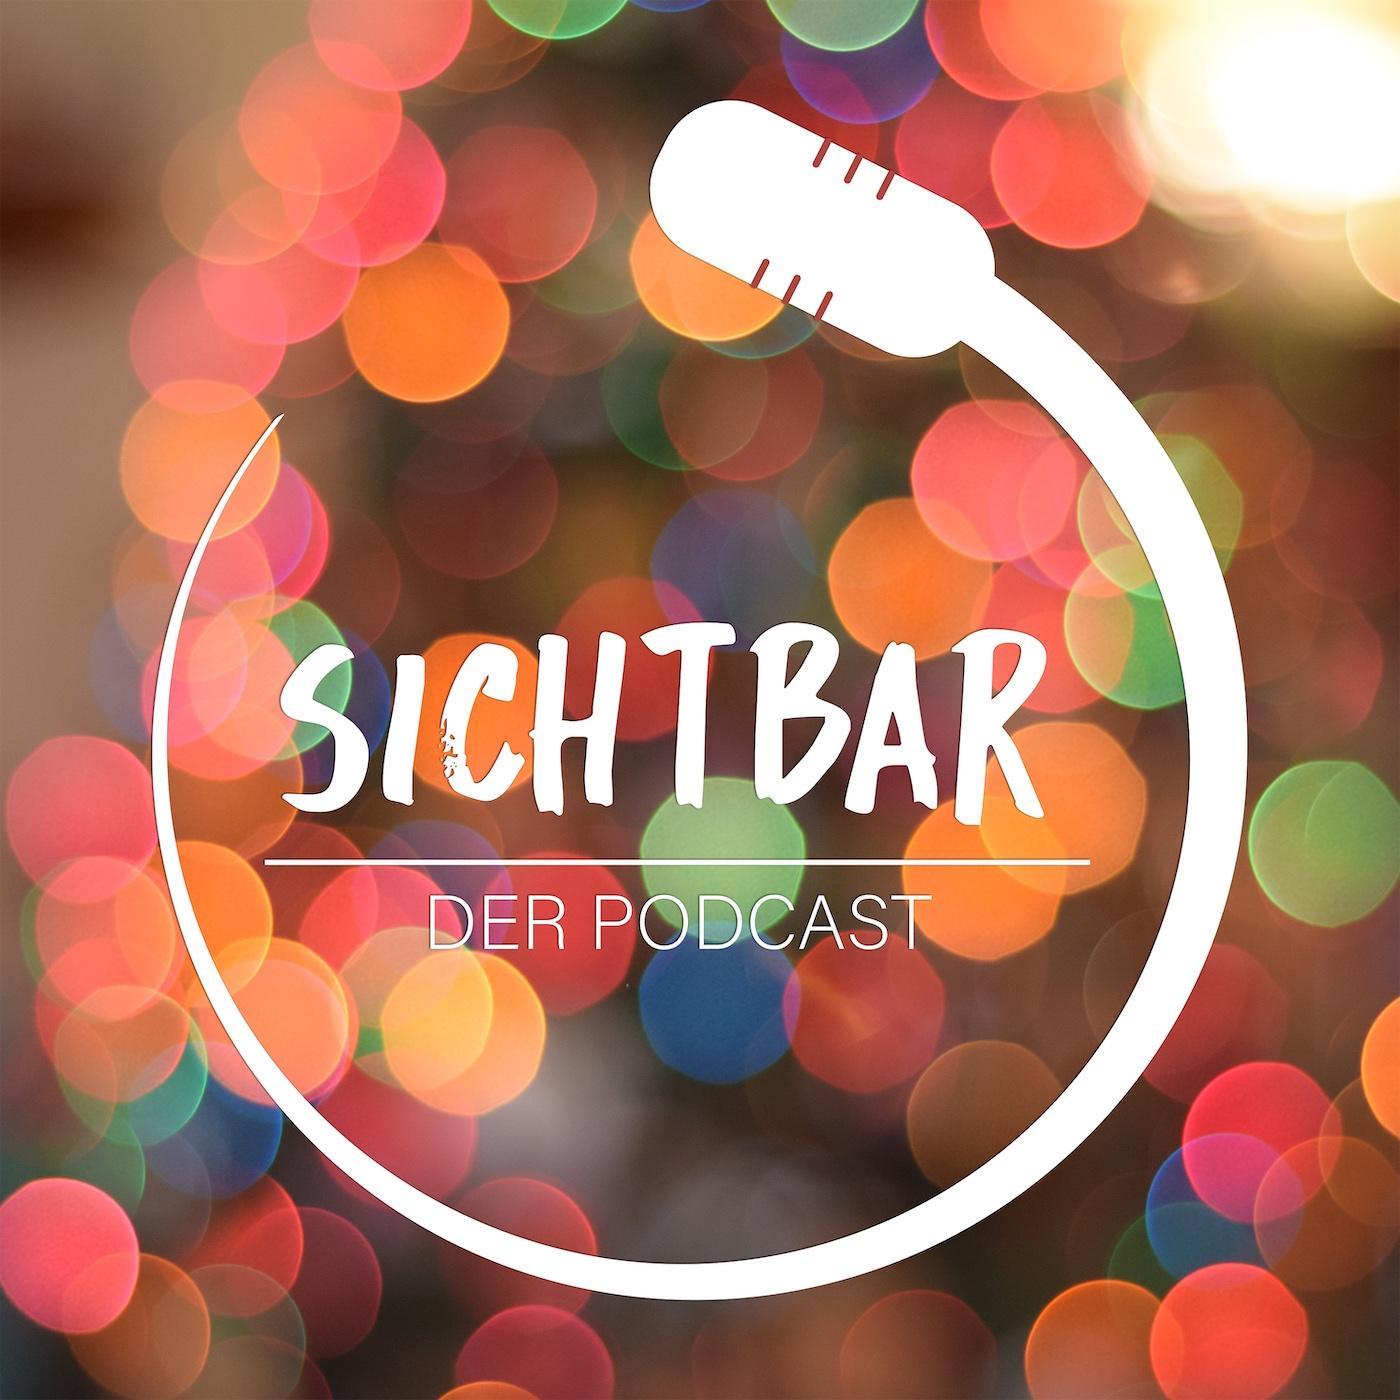 """Cover von SICHTBAR – Der Podcast: Das Logo des Podcasts ist in weiß gefärbt. Es prankt auf einer Fläche aus unzähligen leuchtend bunten und leicht transparenten Kugeln.  Die Kugeln sind in orange, grün, rot, und blau gefärbt. Das Bild wirkt durch die Farben lebendig und frisch. Das Logo hebt sich deutlich von dieser Fläche ab. Um die Wörter """"Sichtbar"""" und darunter unter einem weißen Strich """"Der Podcast"""" ist fast zu einem gesamten Kreis ein stilisiertes Mikrofon abgebildet. Der Schaft des Mikrofons führt dabei kreisförmig und an einem Ende zuspitzend um die Schrift herum. Am anderen Ende ist der Mikrofonkorb durch eine breitere abgerundete Fläche mit kleinen Einbuchtungen angedeutet, Grafik: Tomke Koop. Bildrechte: HörMal Audiodeskription 2020."""